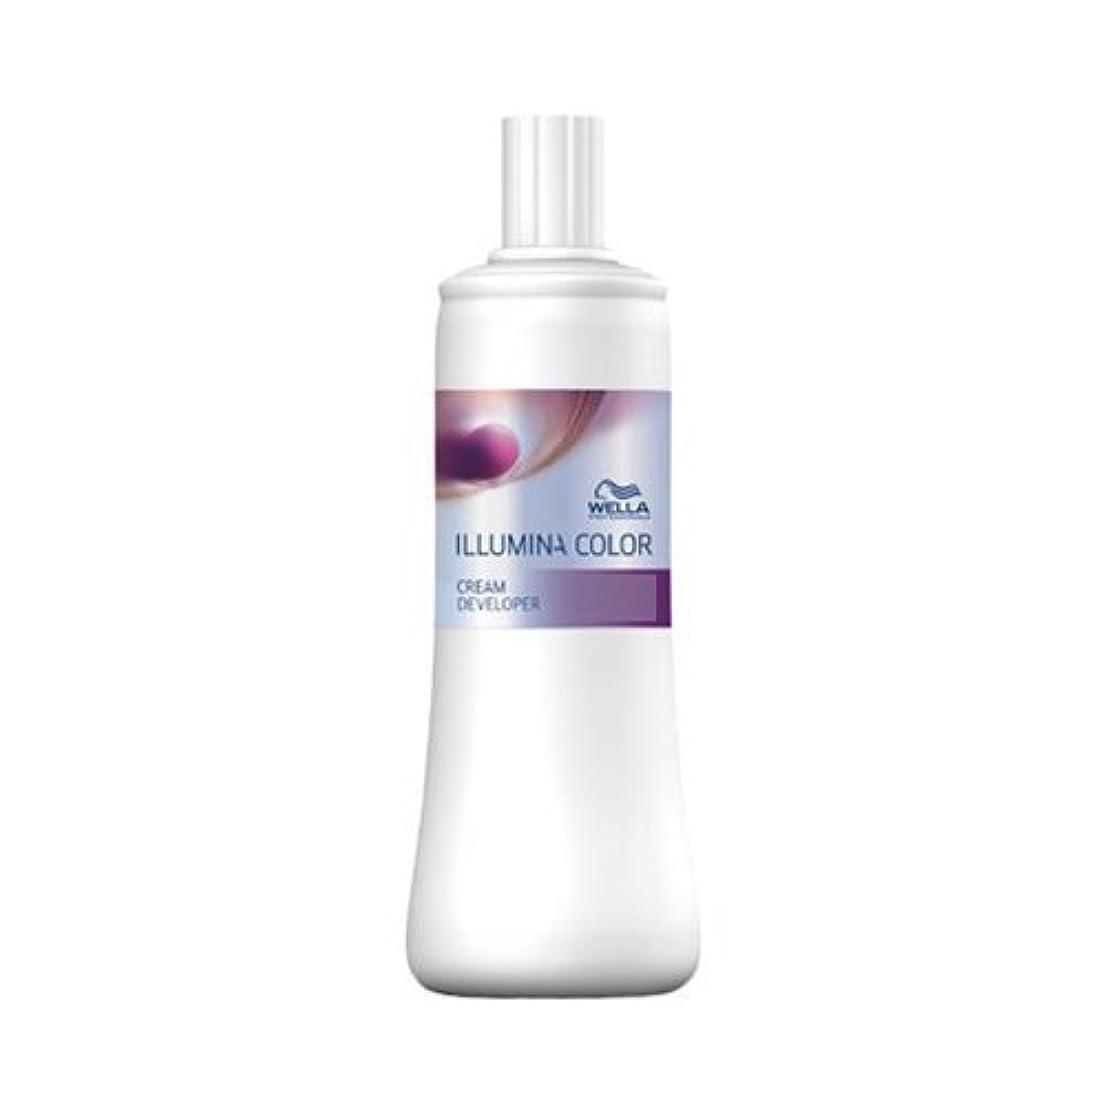 ネックレット短くする鳴らすウエラ イルミナカラー クリーム ディベロッパー 6% 1000ml(2剤)